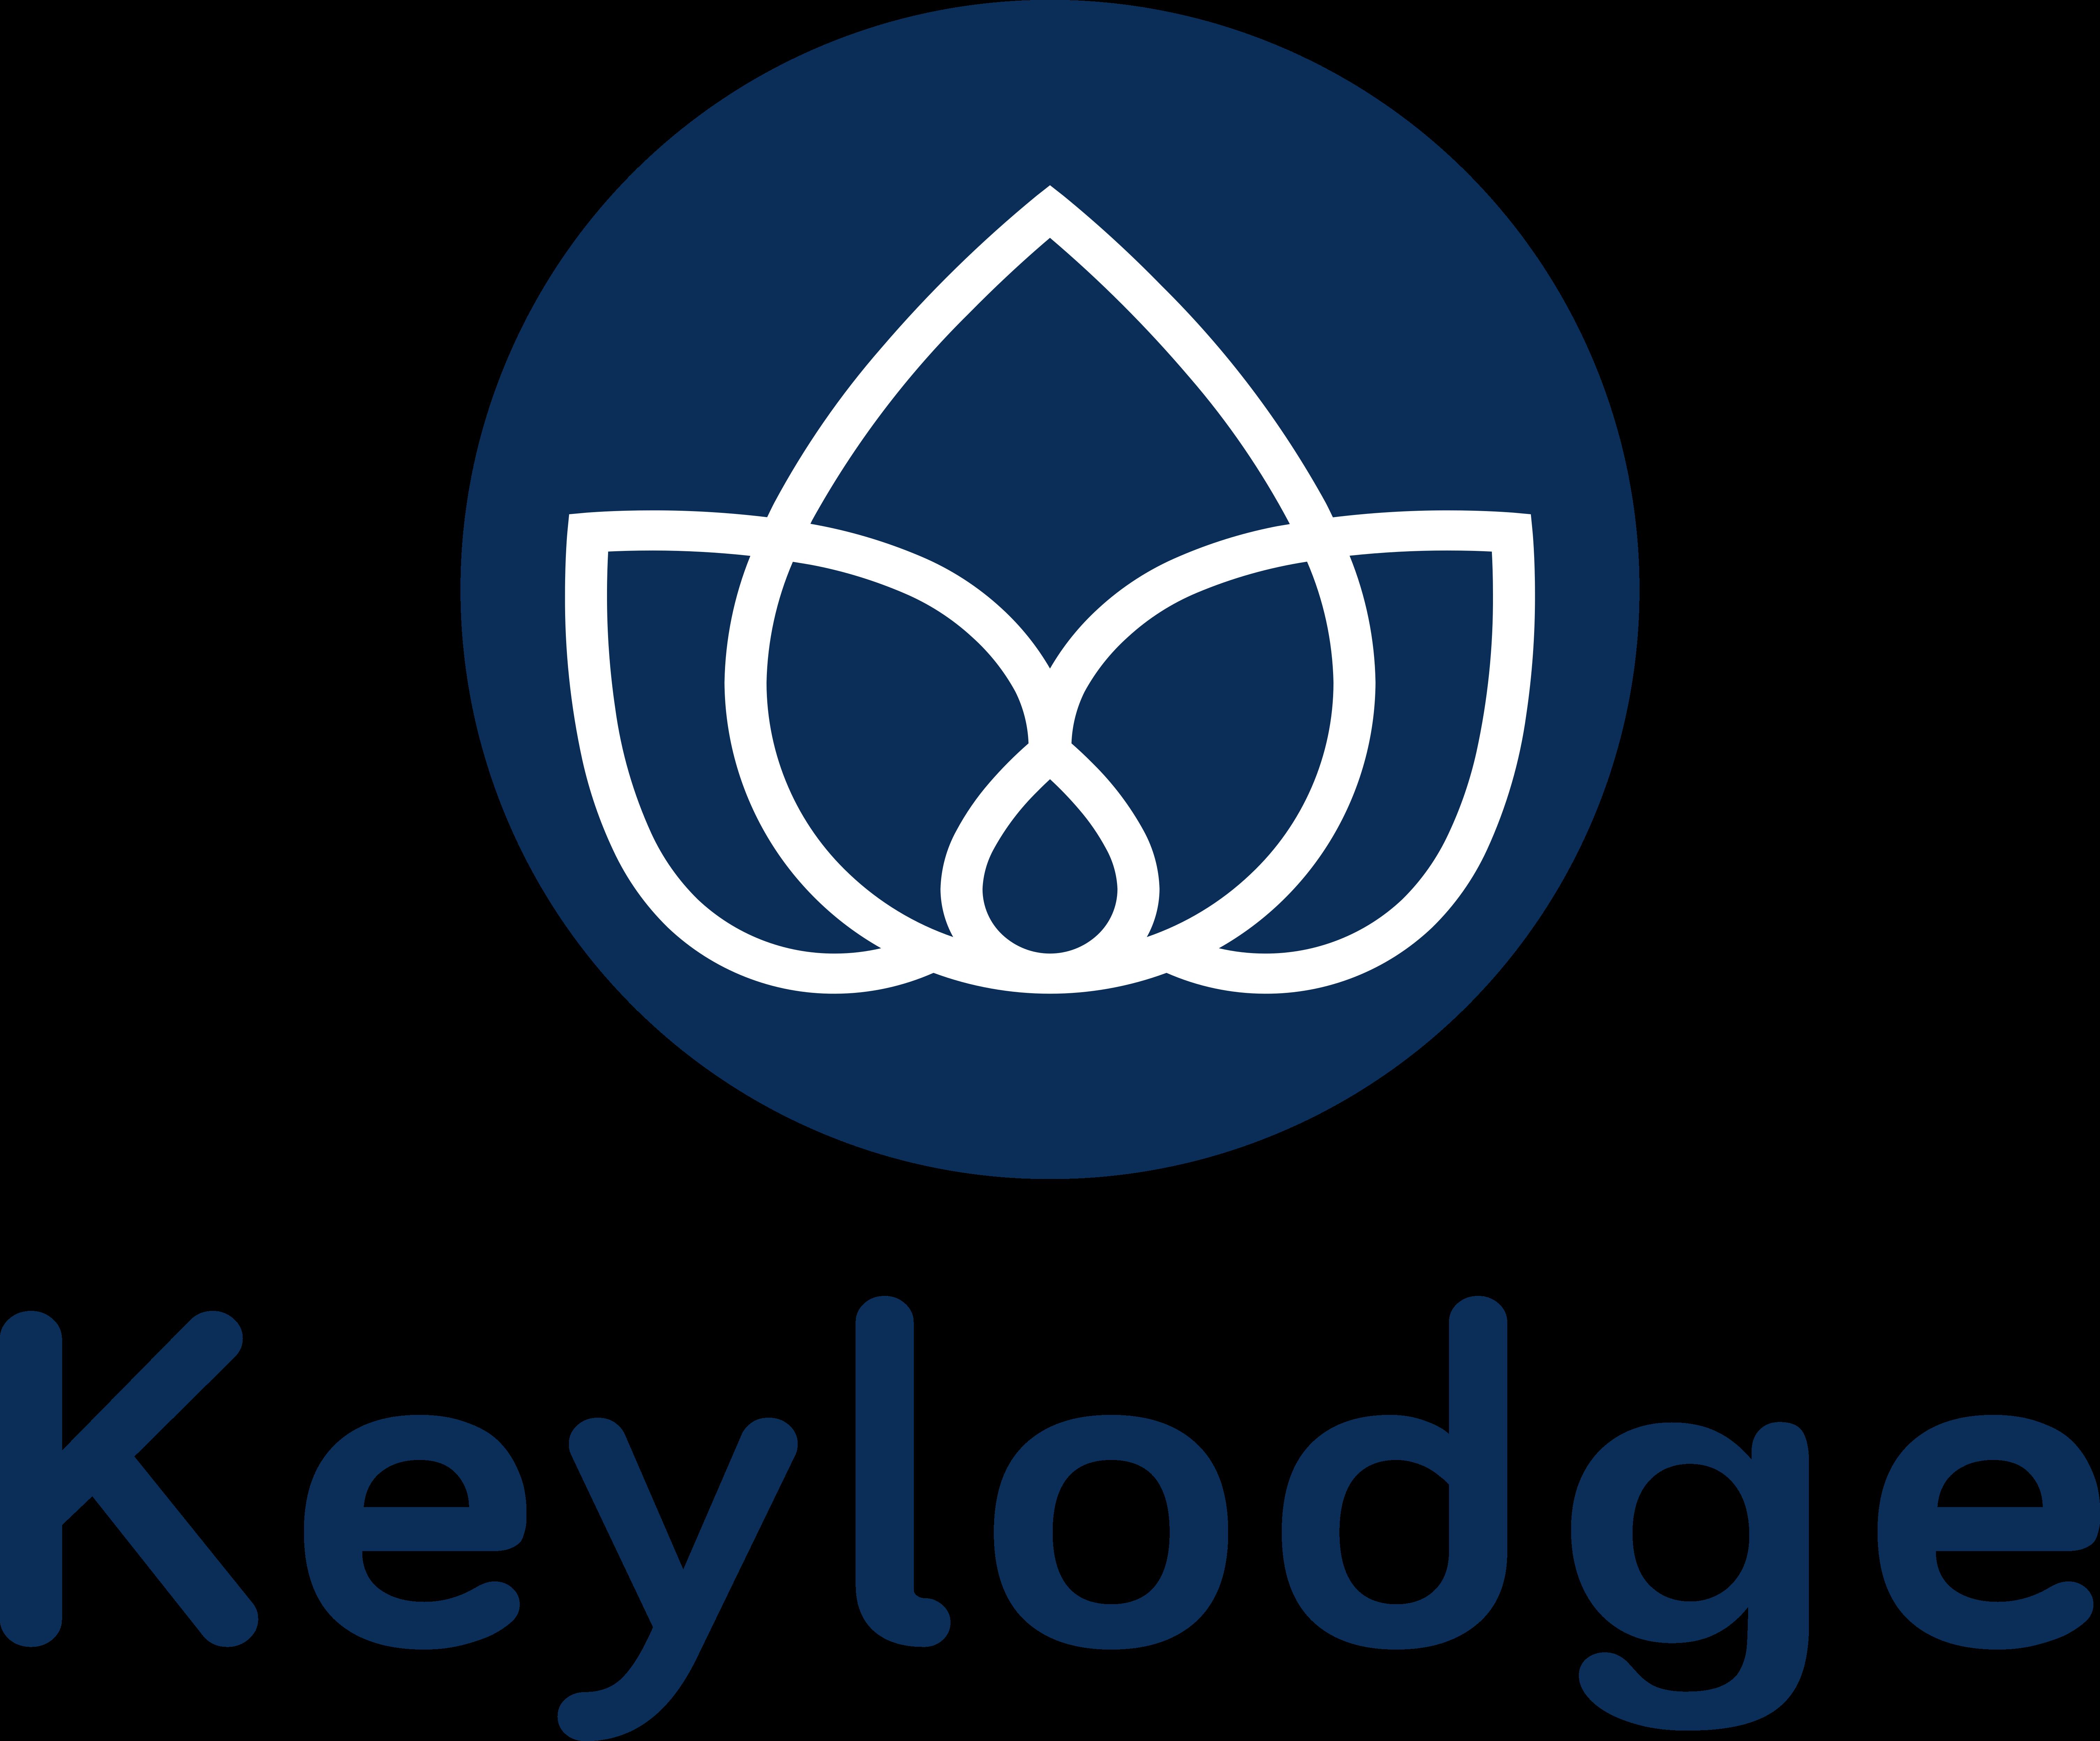 Keylodge